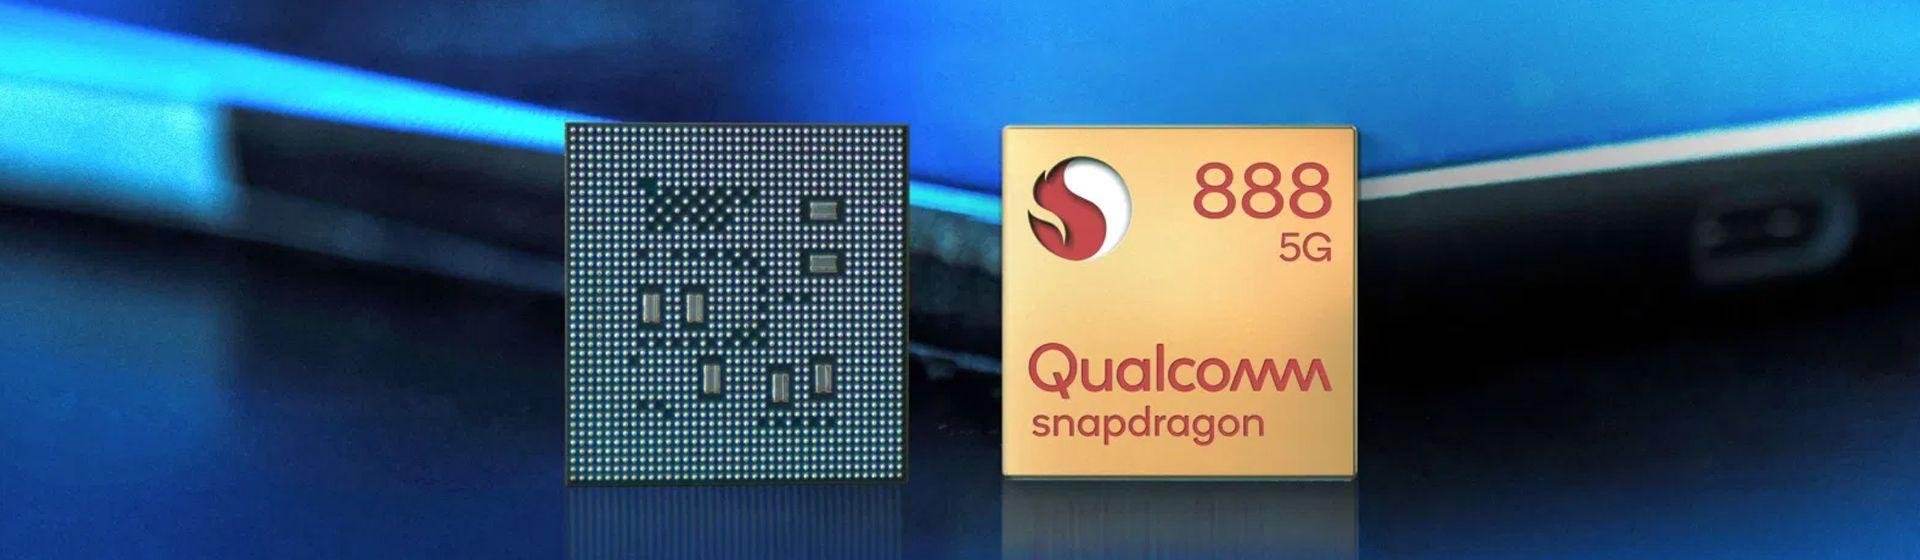 Qualcomm anuncia o Snapdragon 888, seu novo processador avançado